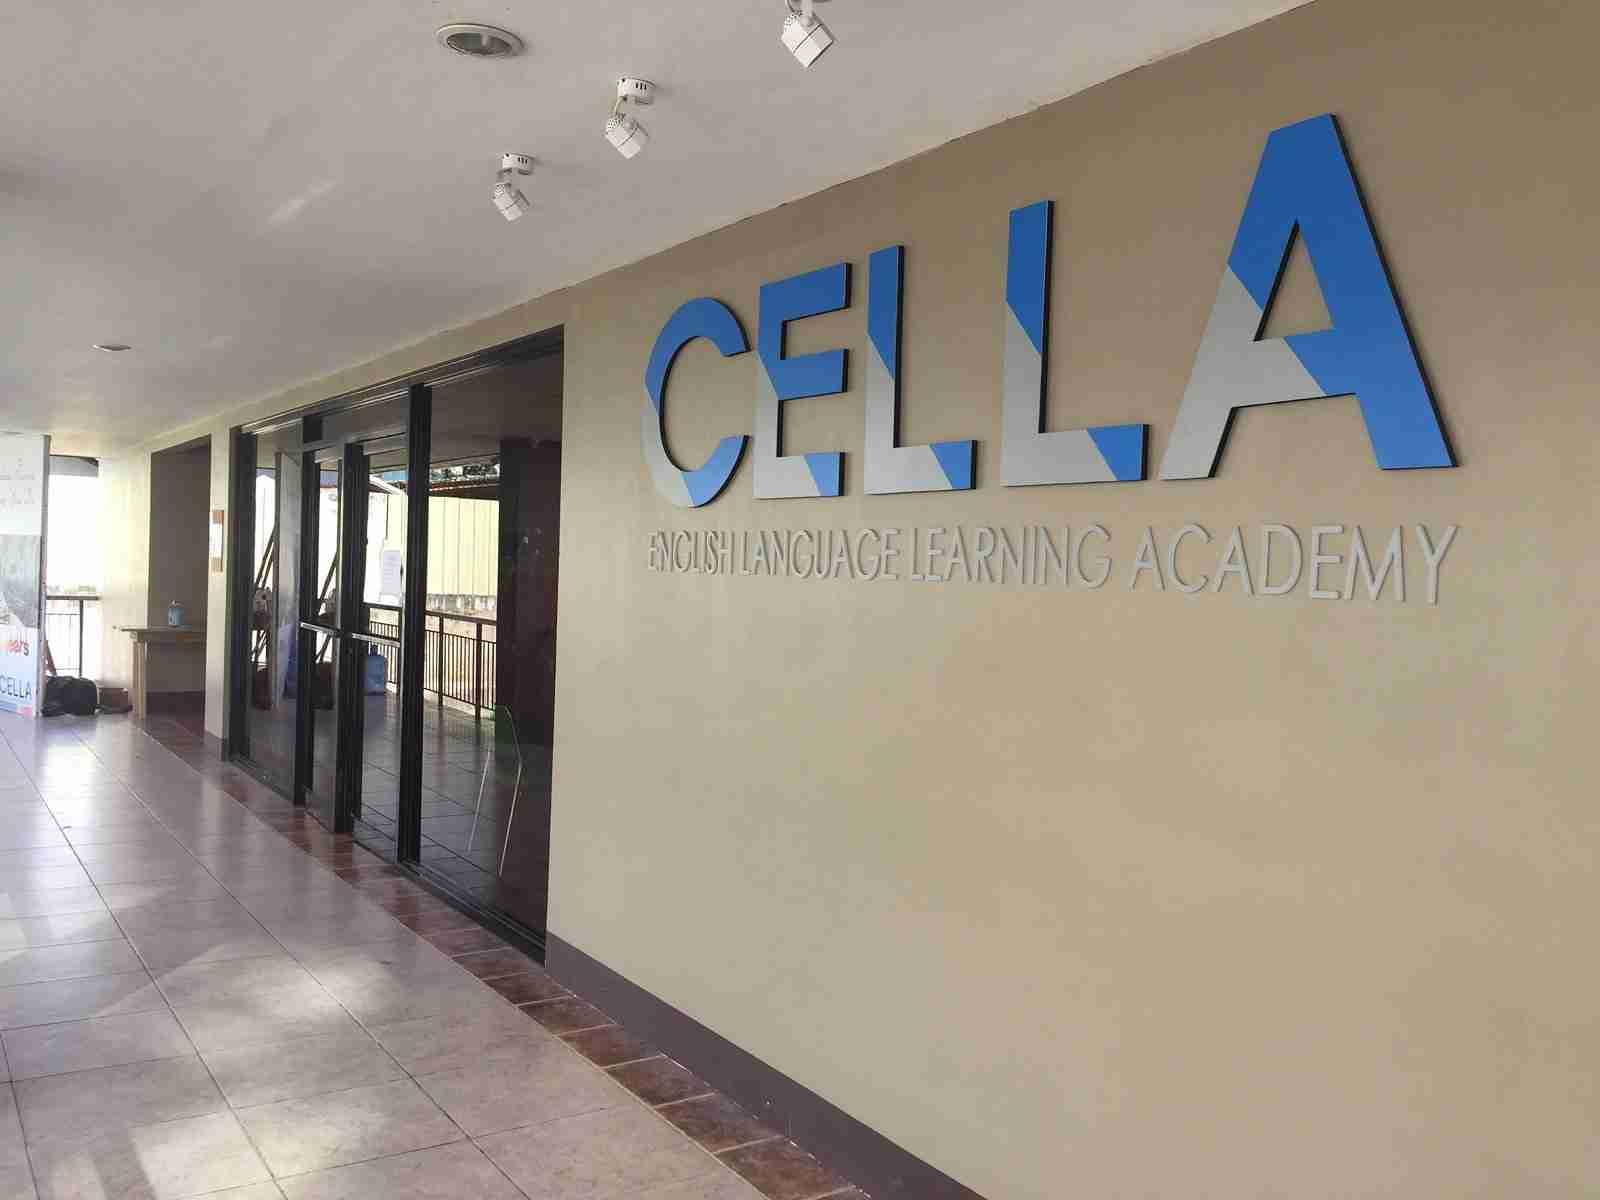 菲律賓宿霧語言學校-cella